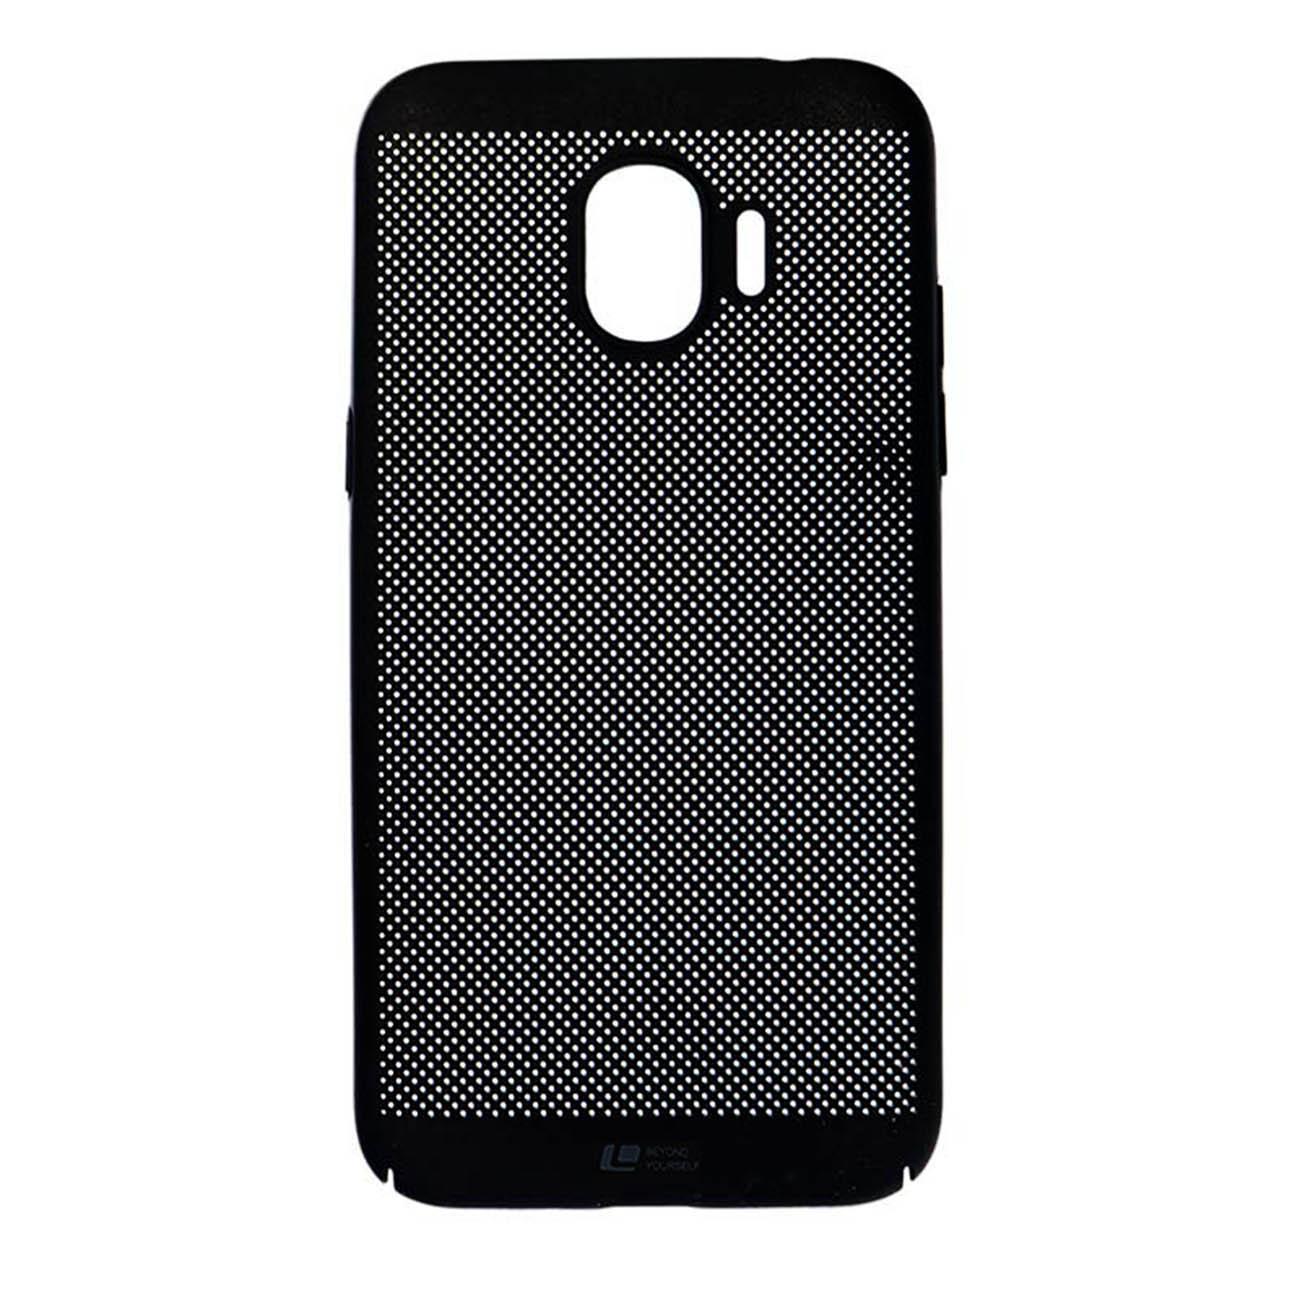 کاور  مدل Ne-1 مناسب برای گوشی موبایل سامسونگ Galaxy J2 Pro 2018